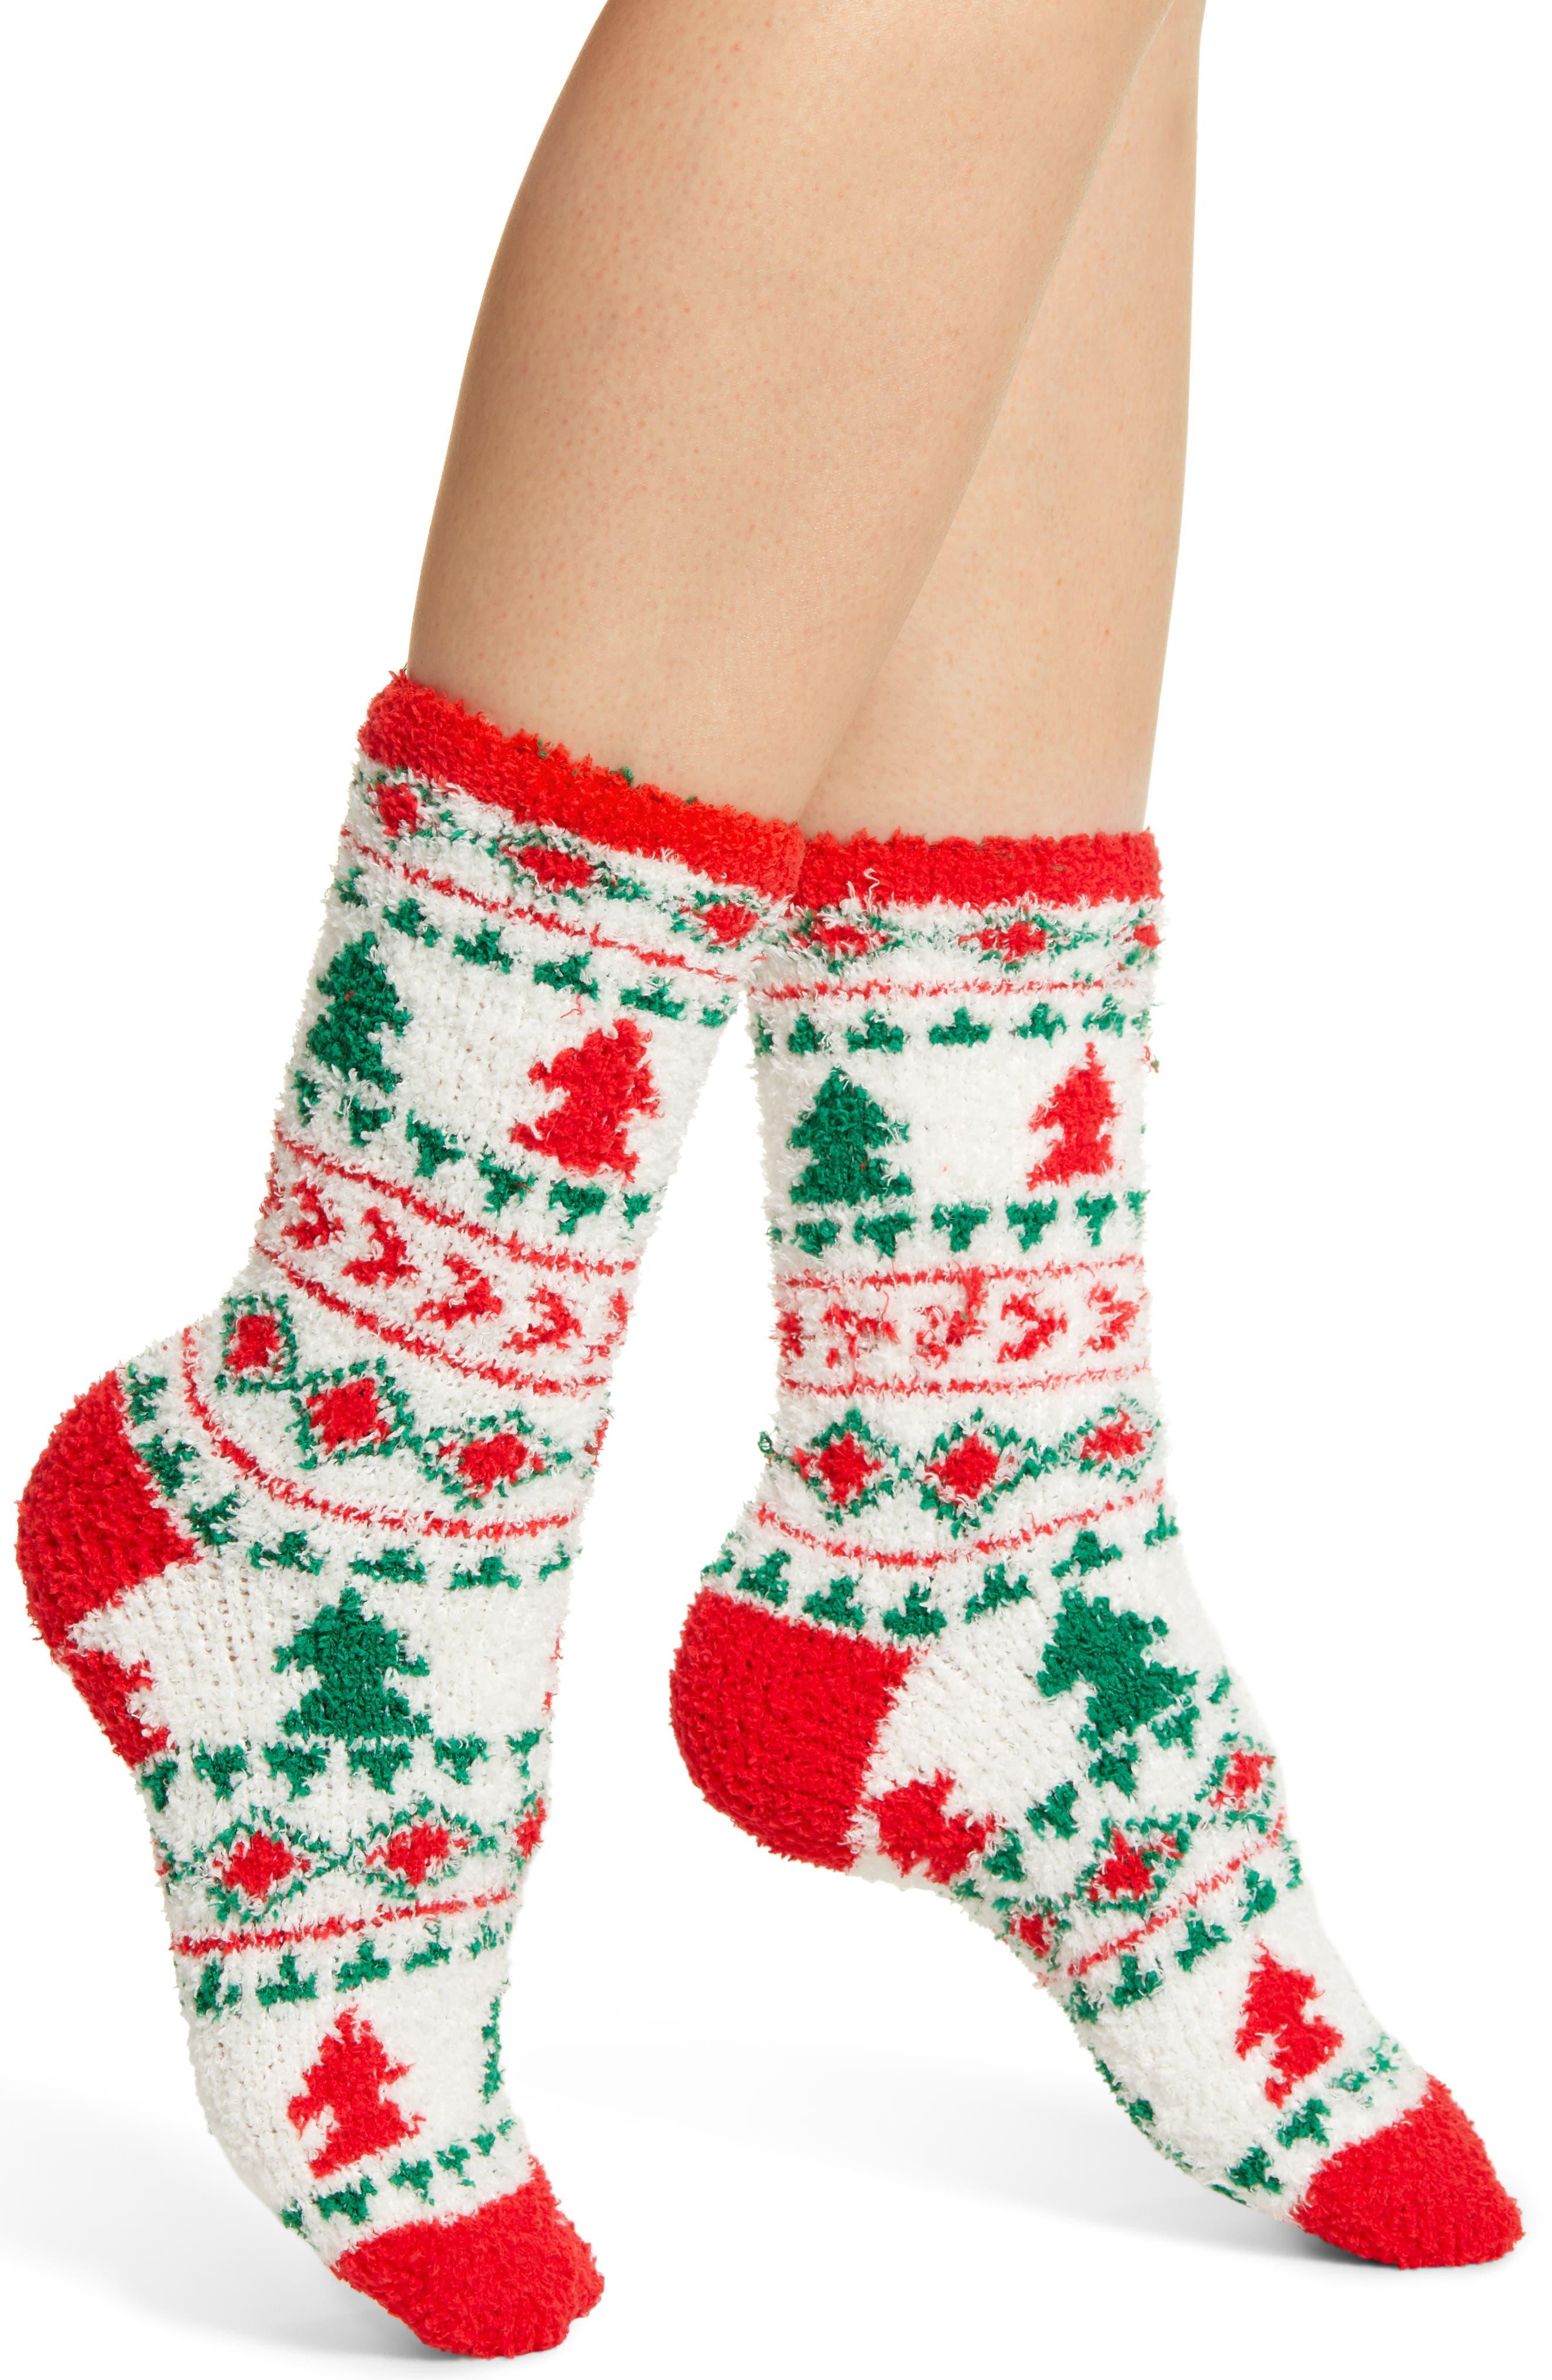 Nordstrom Butter Crew Socks (Any 3 for $30)